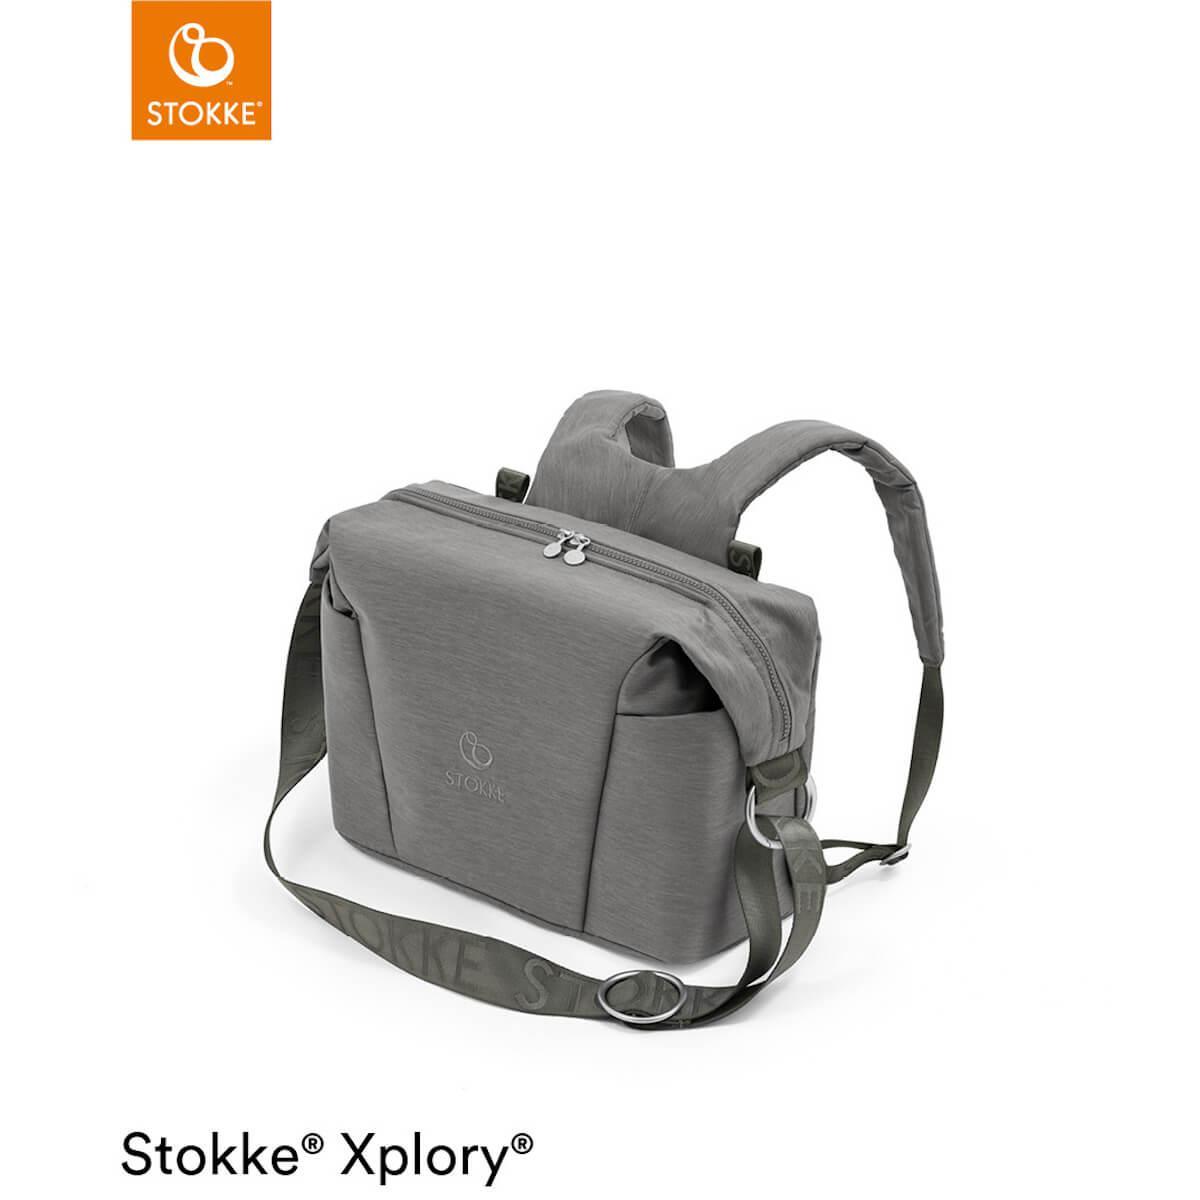 Wickeltasche XPLORY X Stokke Modern Grey